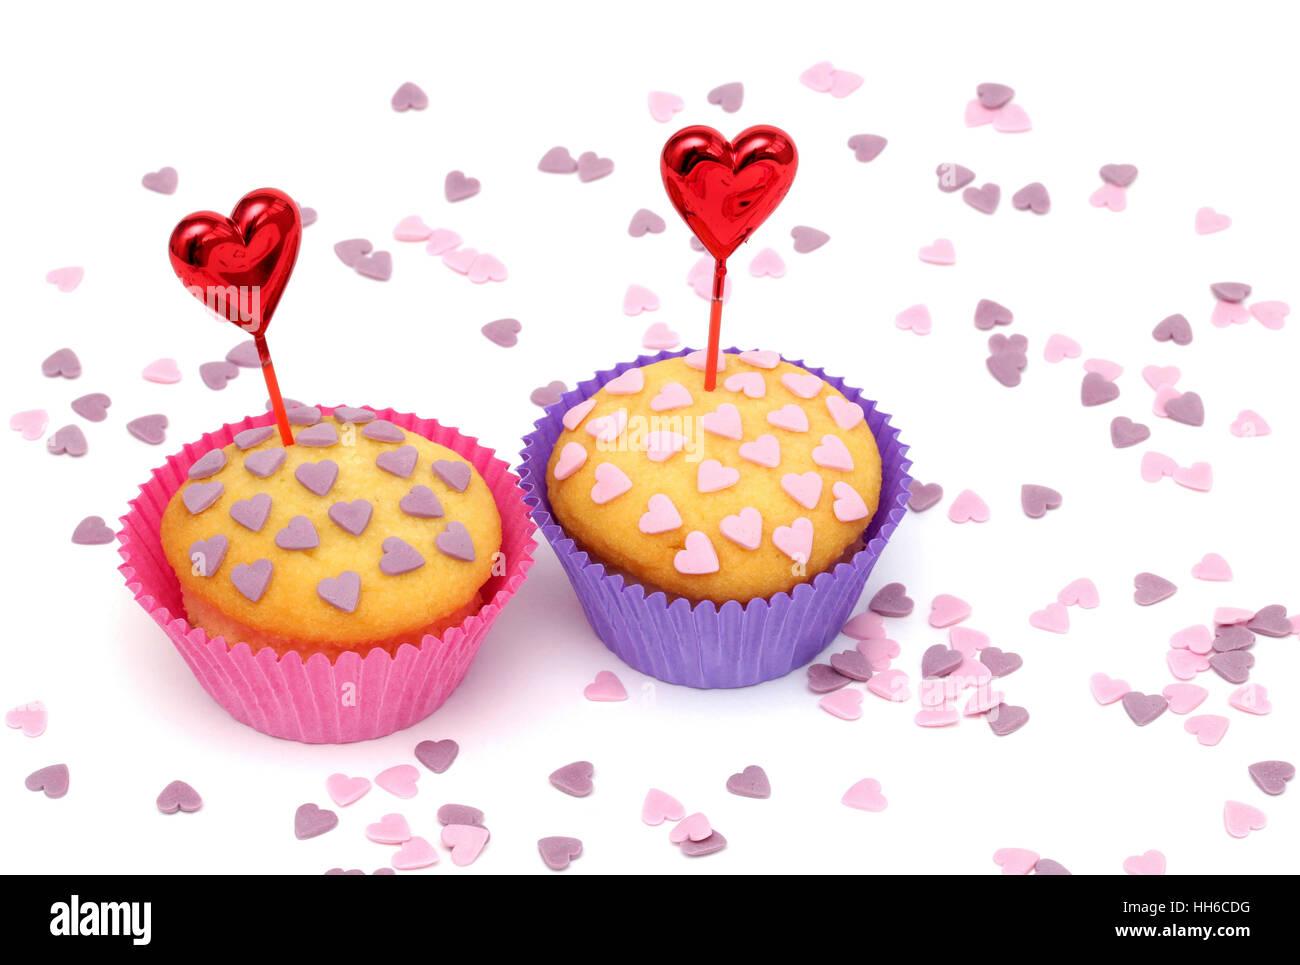 Deux cupcakes avec petit coeur rose et pourpre Photo Stock